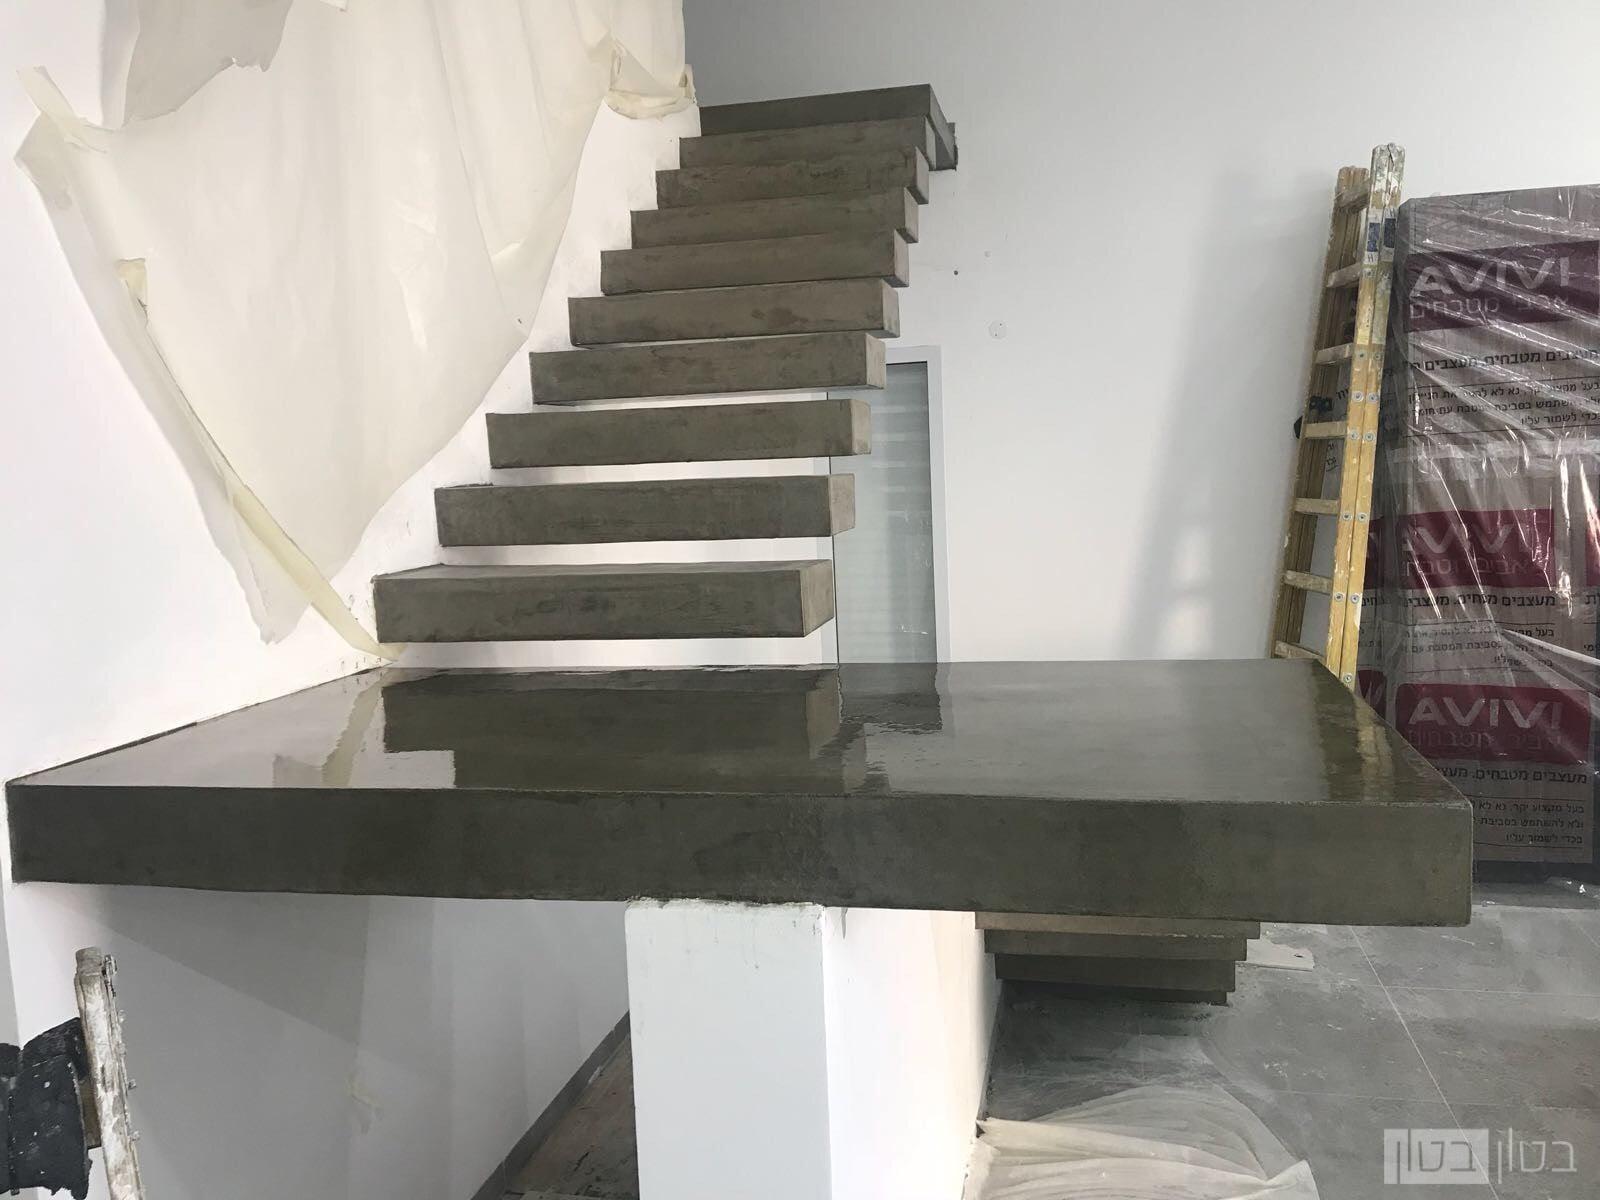 מדרגות מרחפות בחיפוי מיקרוטופינג